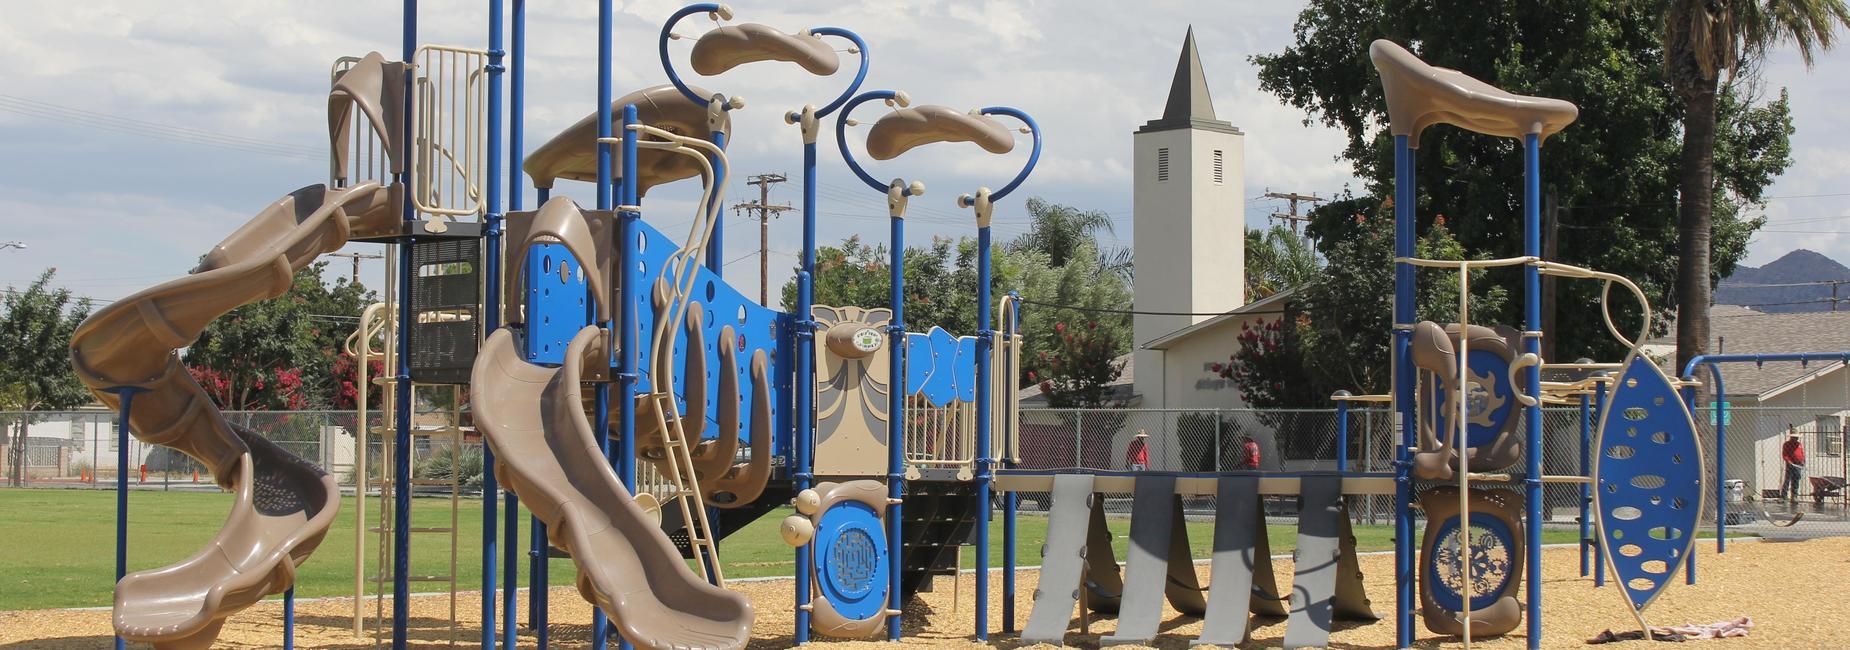 Hemet Elementary Playground